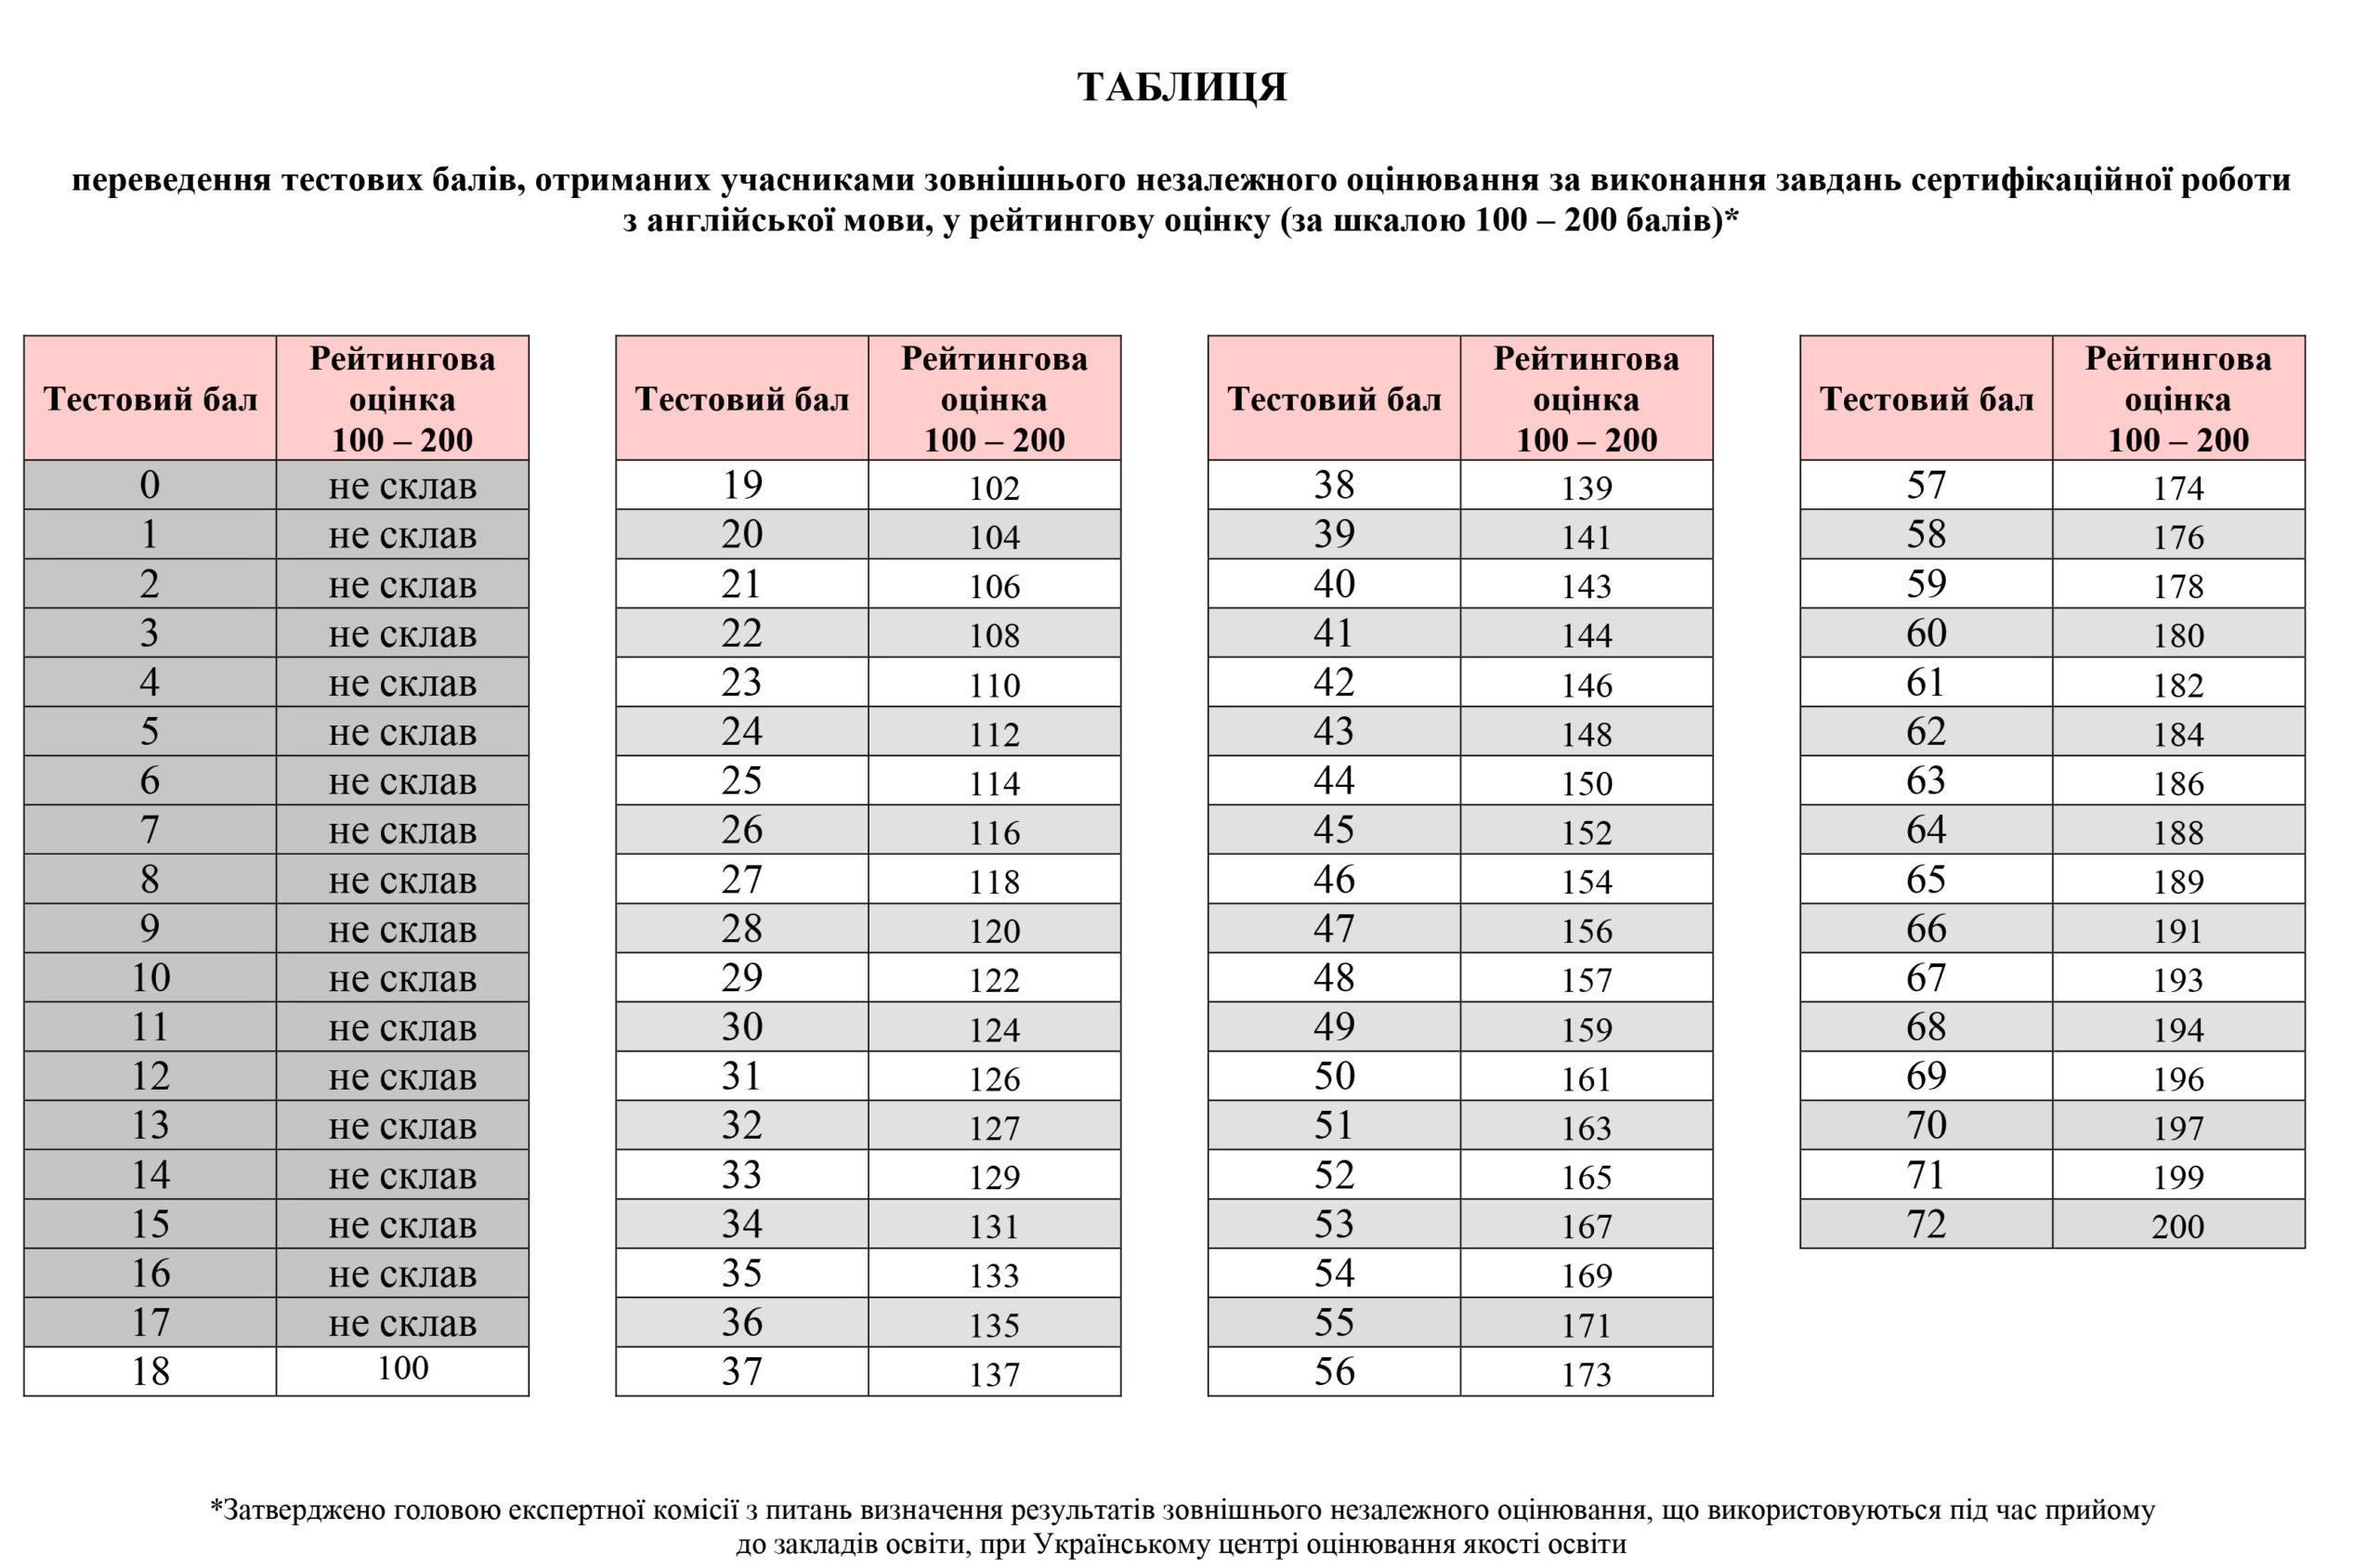 Таблиця переведення тестових балів ЗНО з англійської мови у 200 бальну шкалу